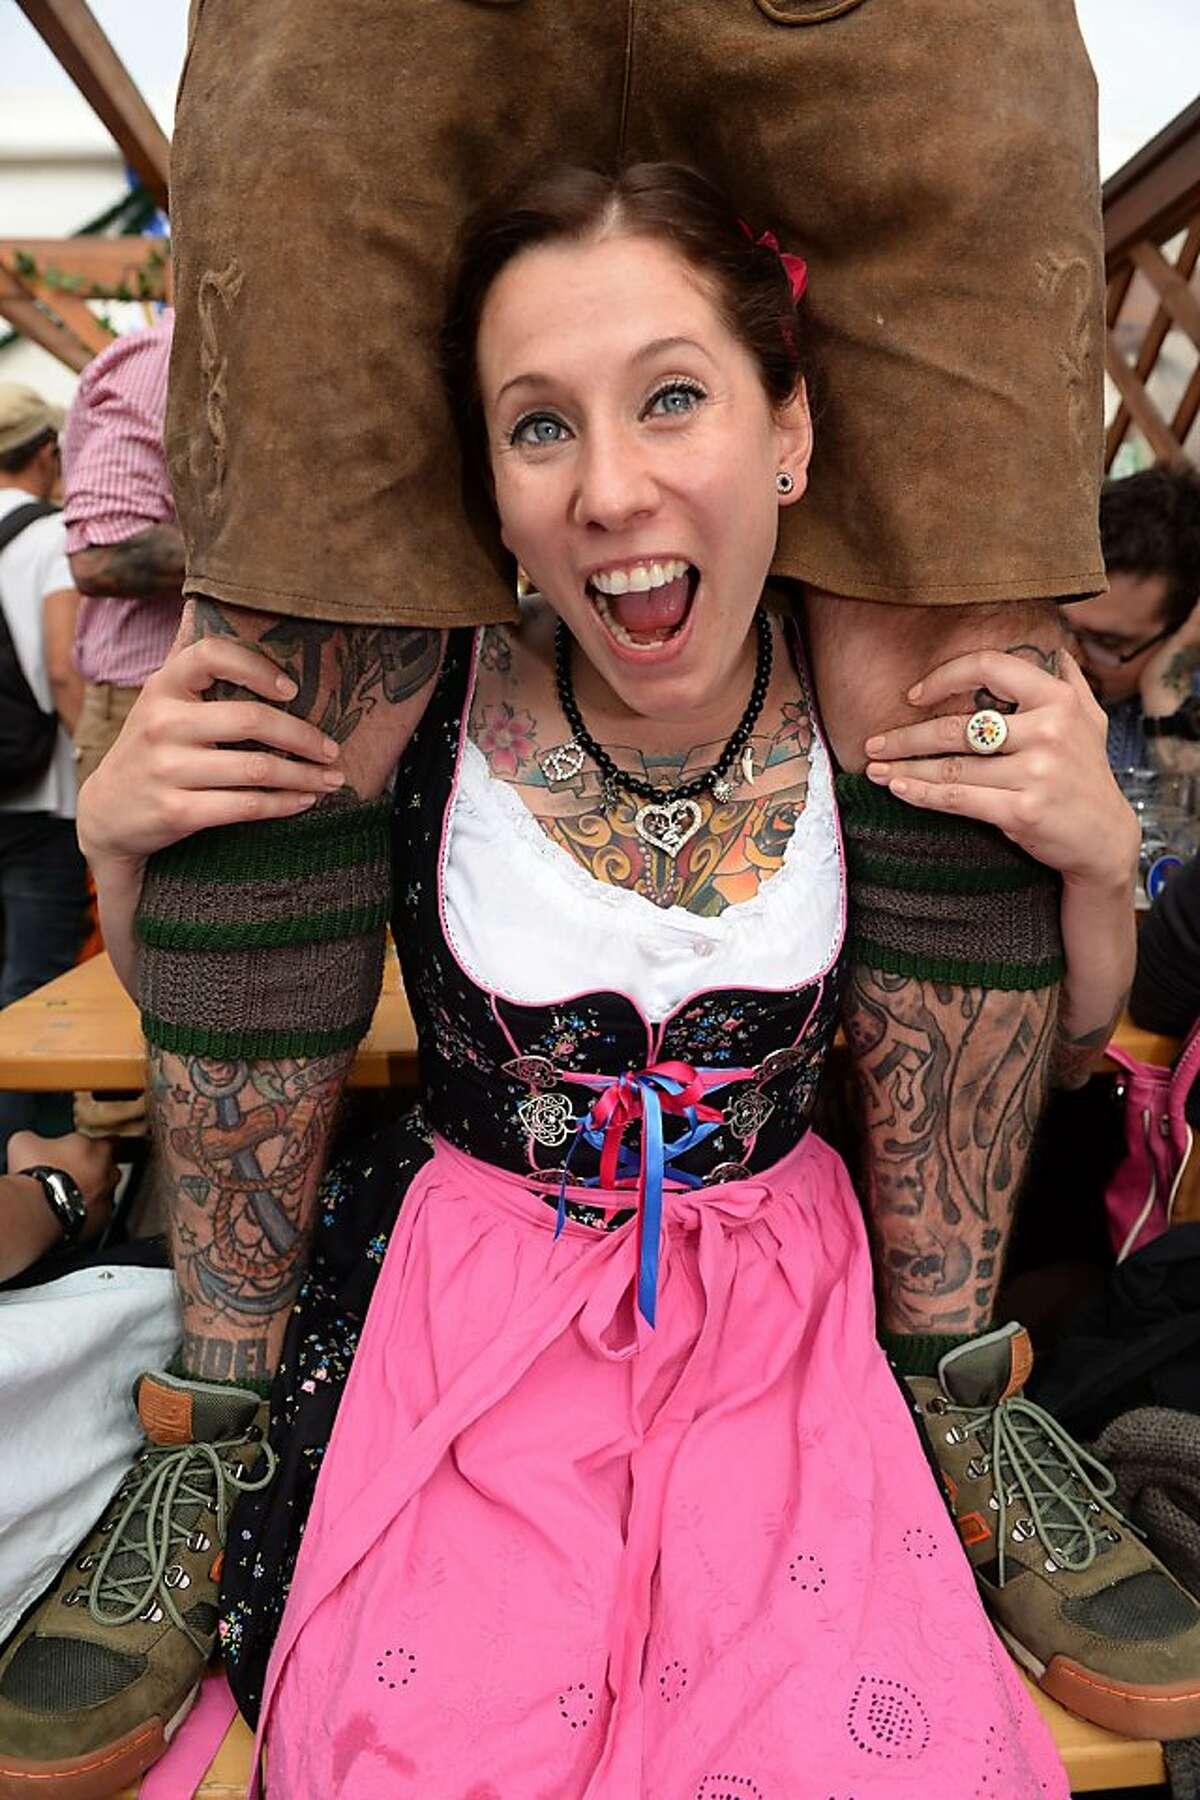 Follow the lederhosen : A tattooed couple celebrate Oktoberfest in Munich.